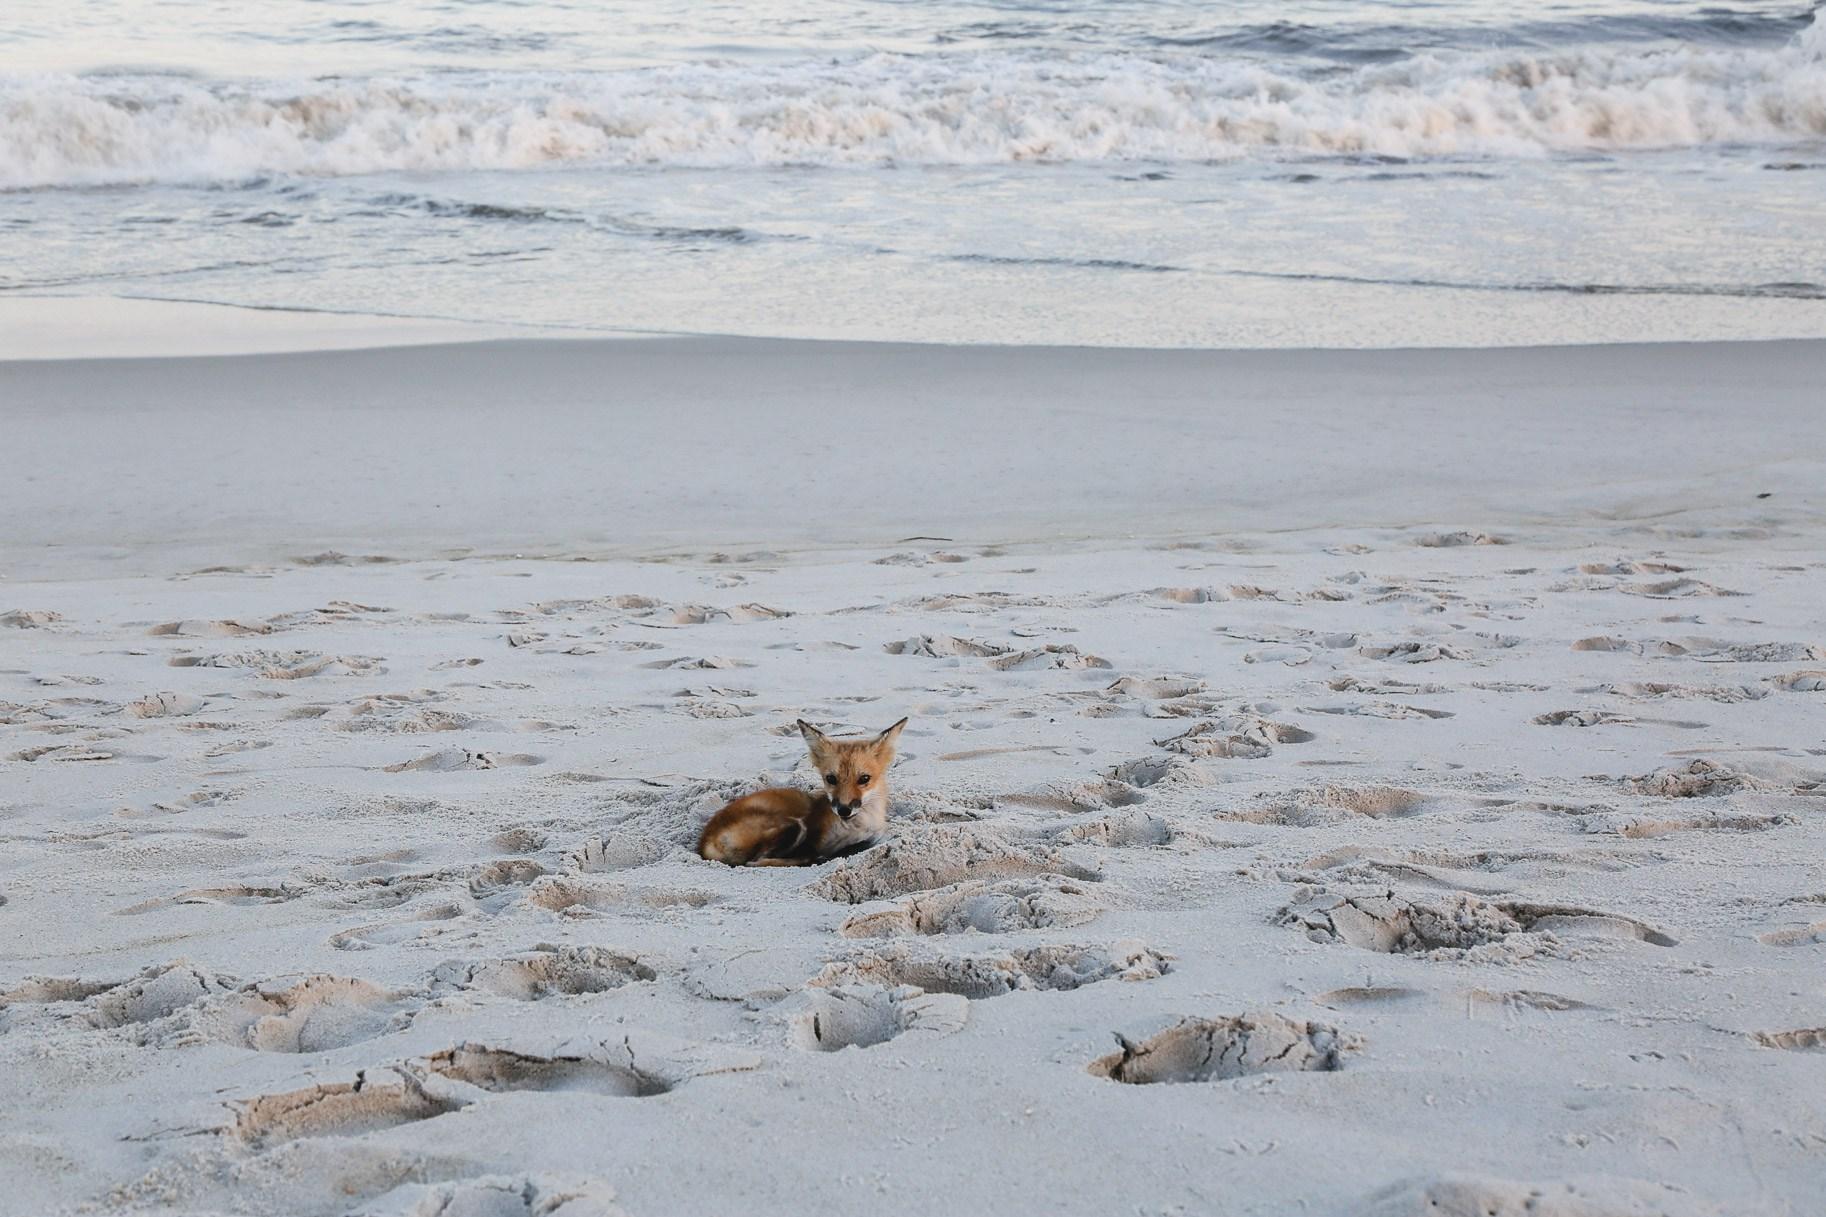 fox-at-the-beach3.jpg